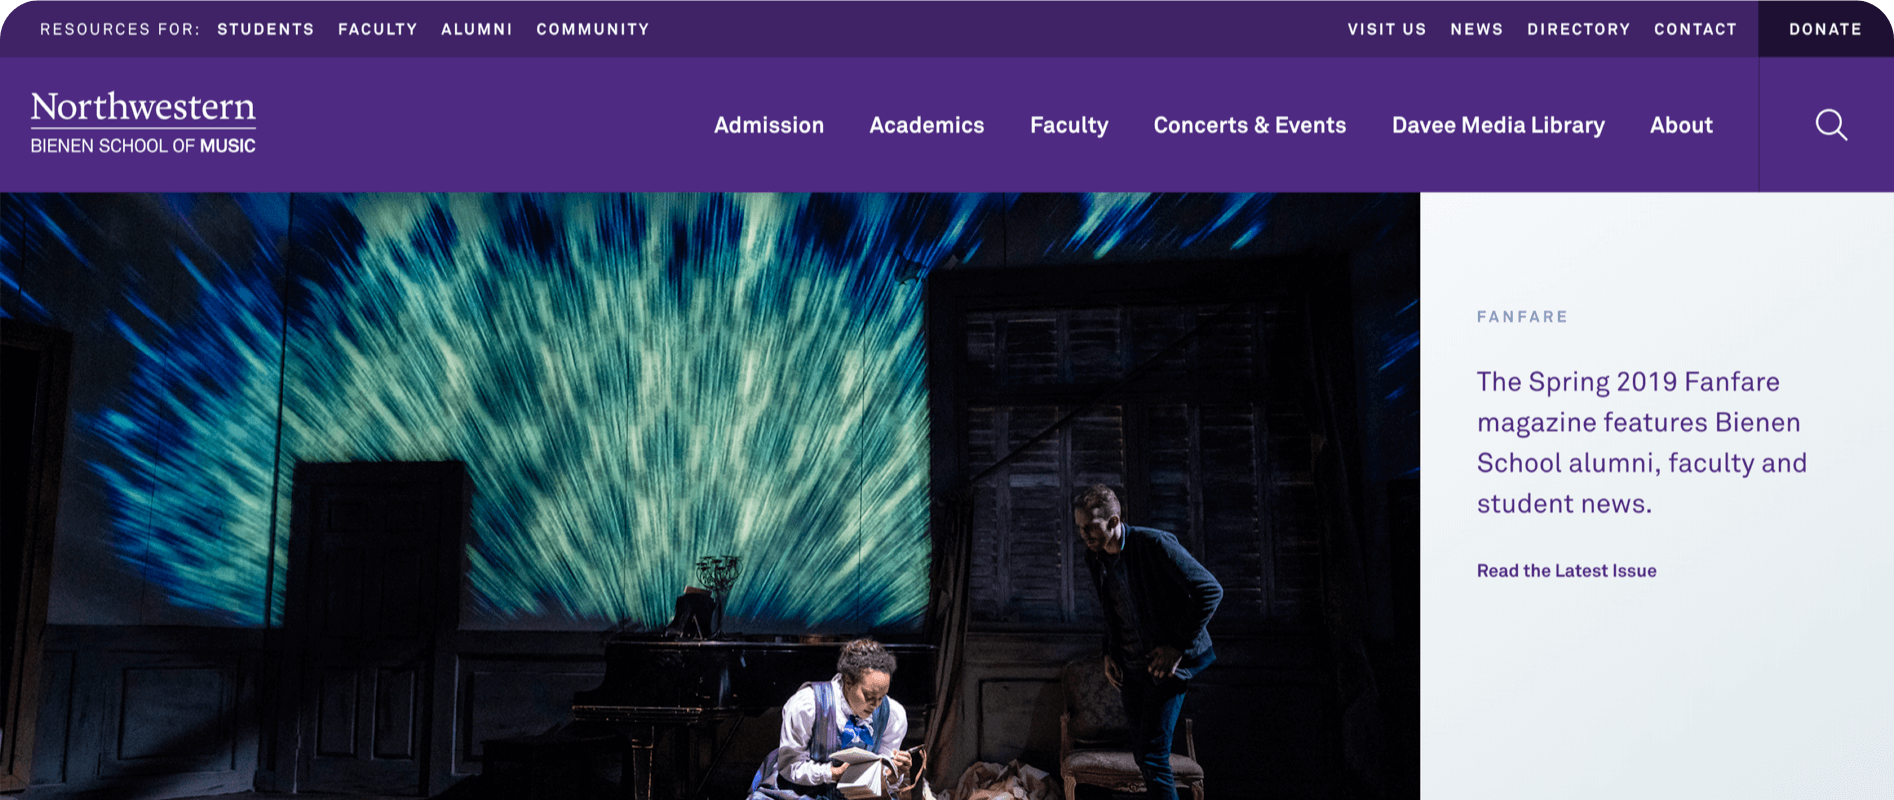 Northwestern Bienen School of Music new homepage first impression